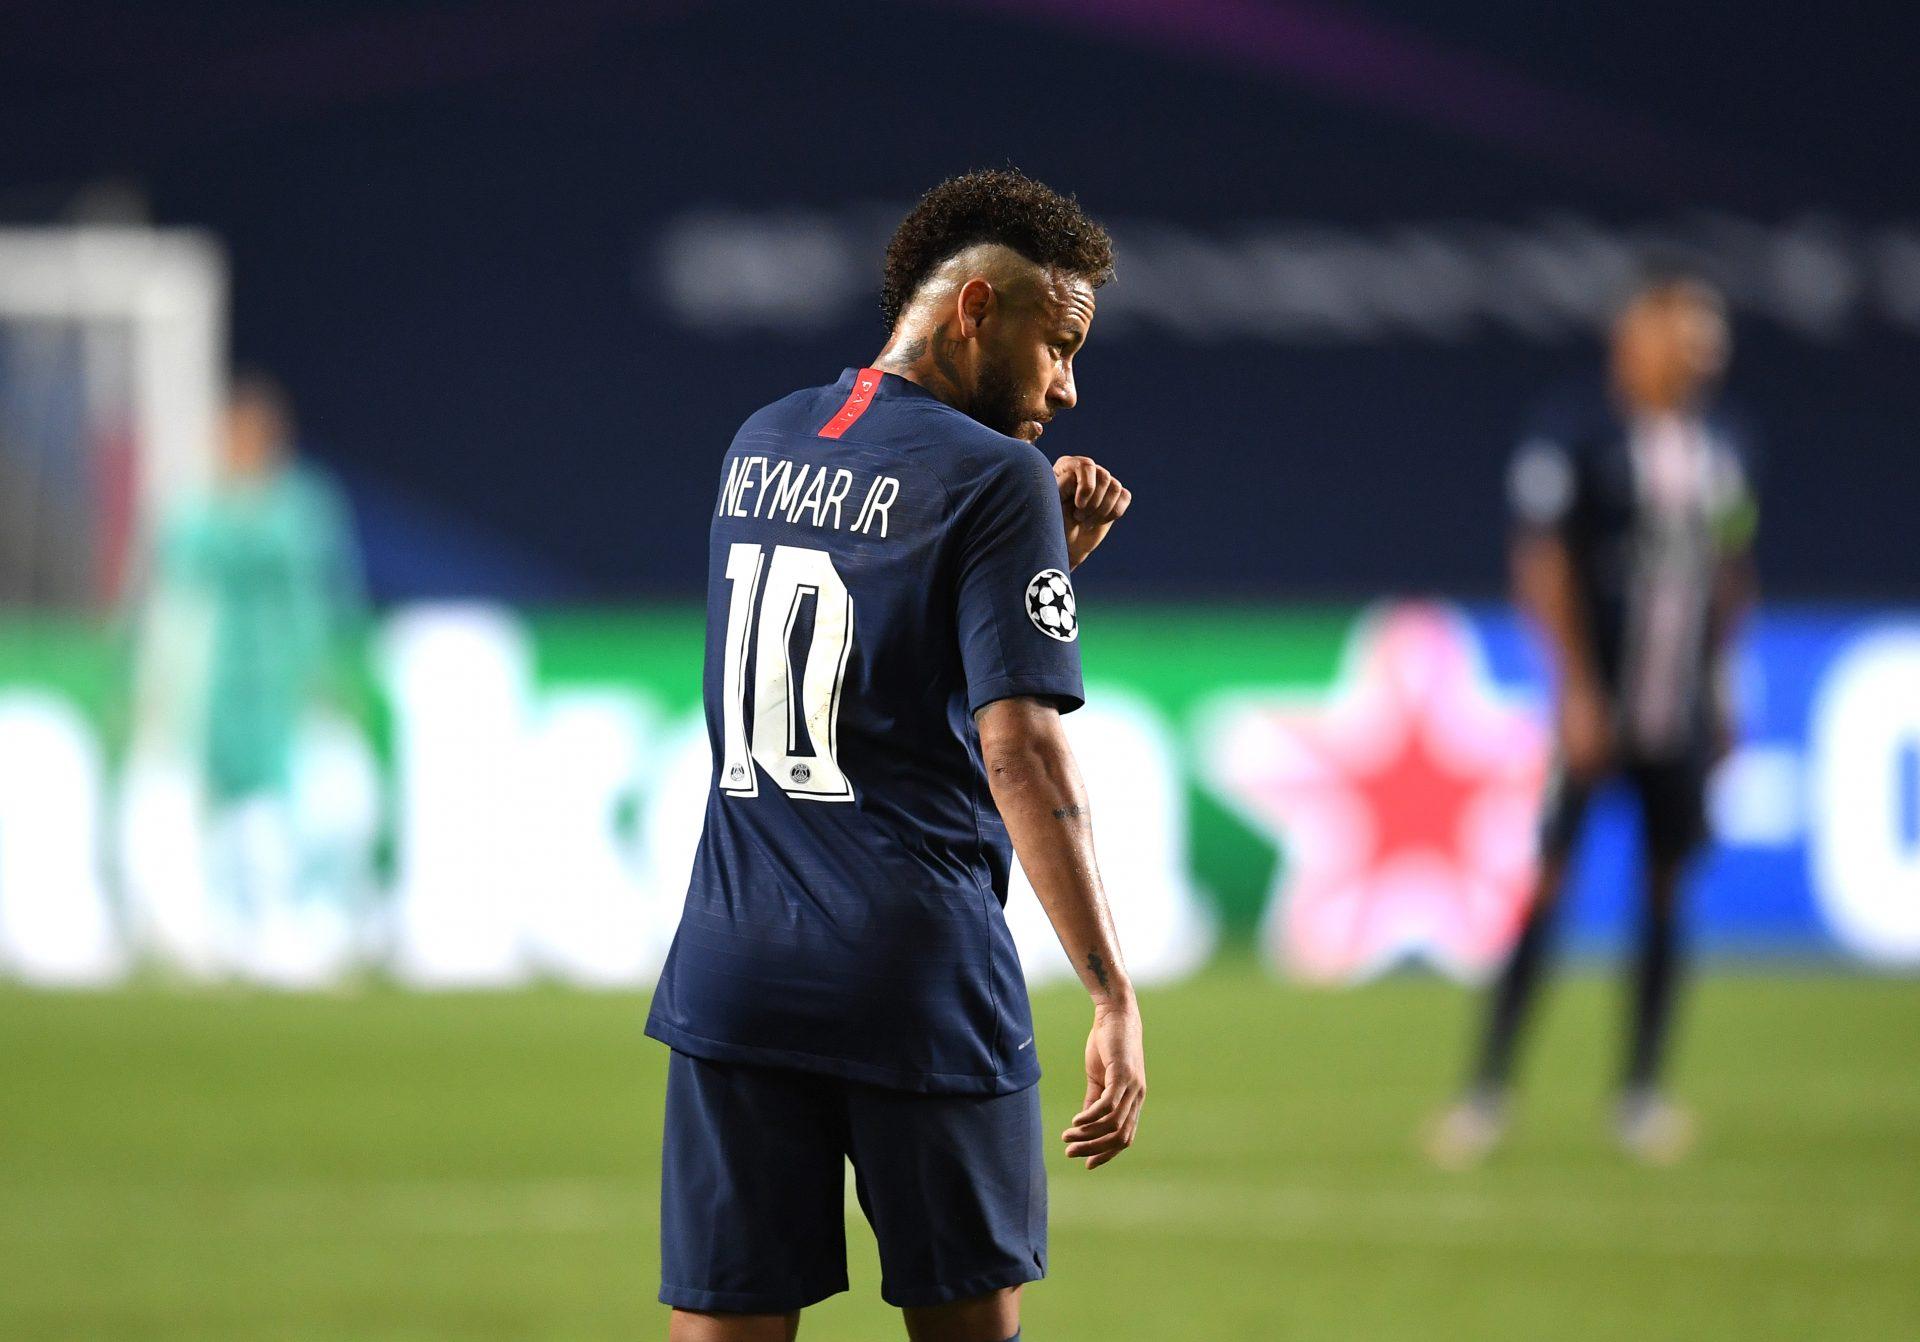 Dit Is Volgens Sierd De Vos De Vriendin Van Neymar Sportnieuws